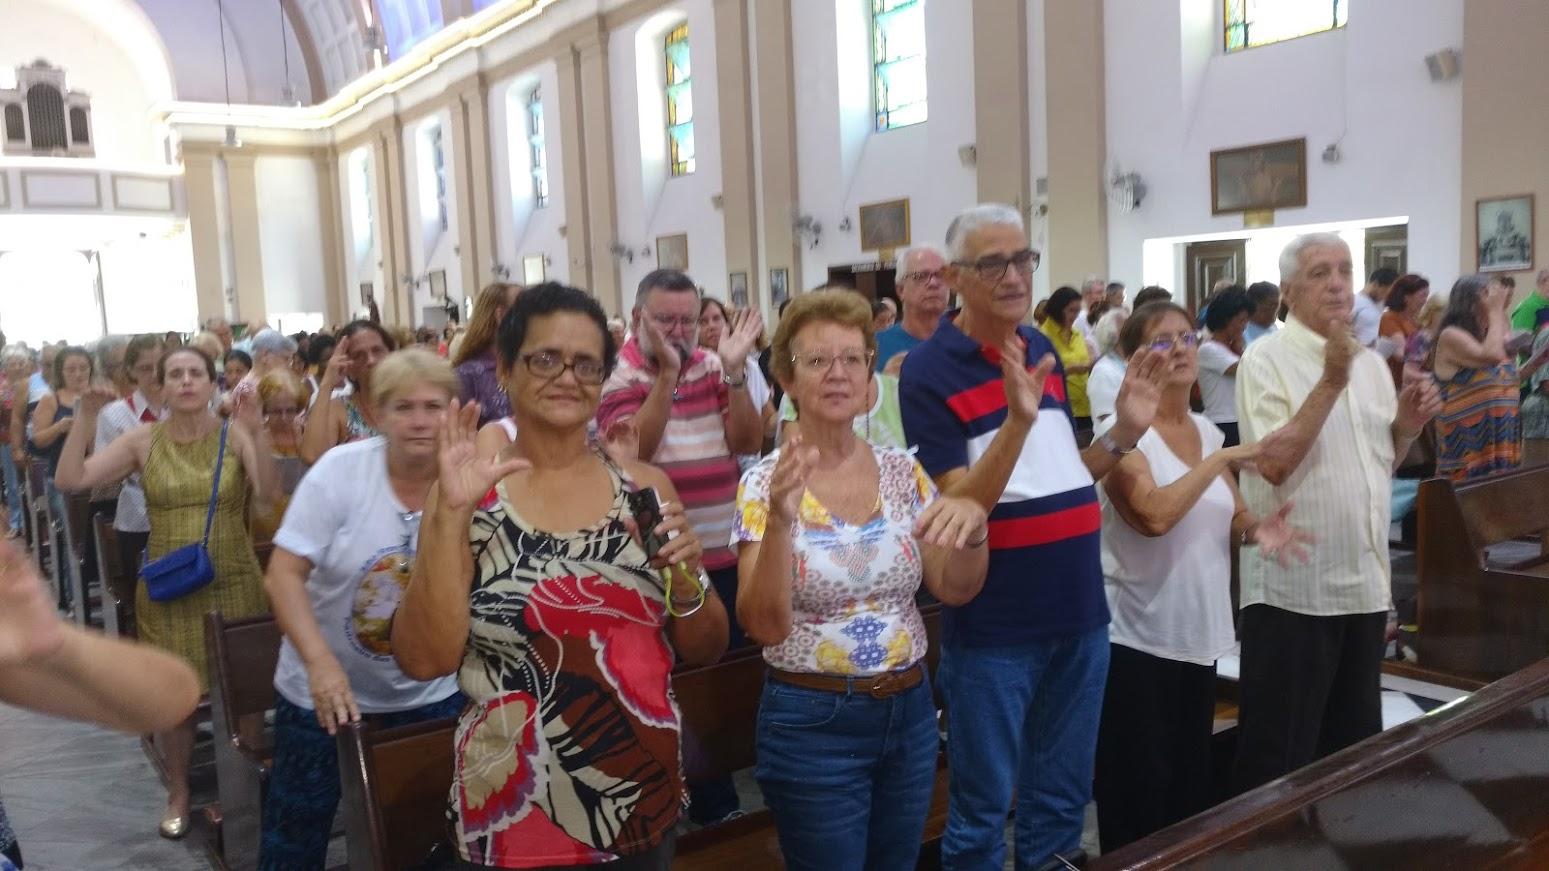 Surdos em frente do altar. Missa das 10h. Destaque para o casal surdo Iracema e Fabiano. Igreja de São Francisco Xavier da Tijuca.